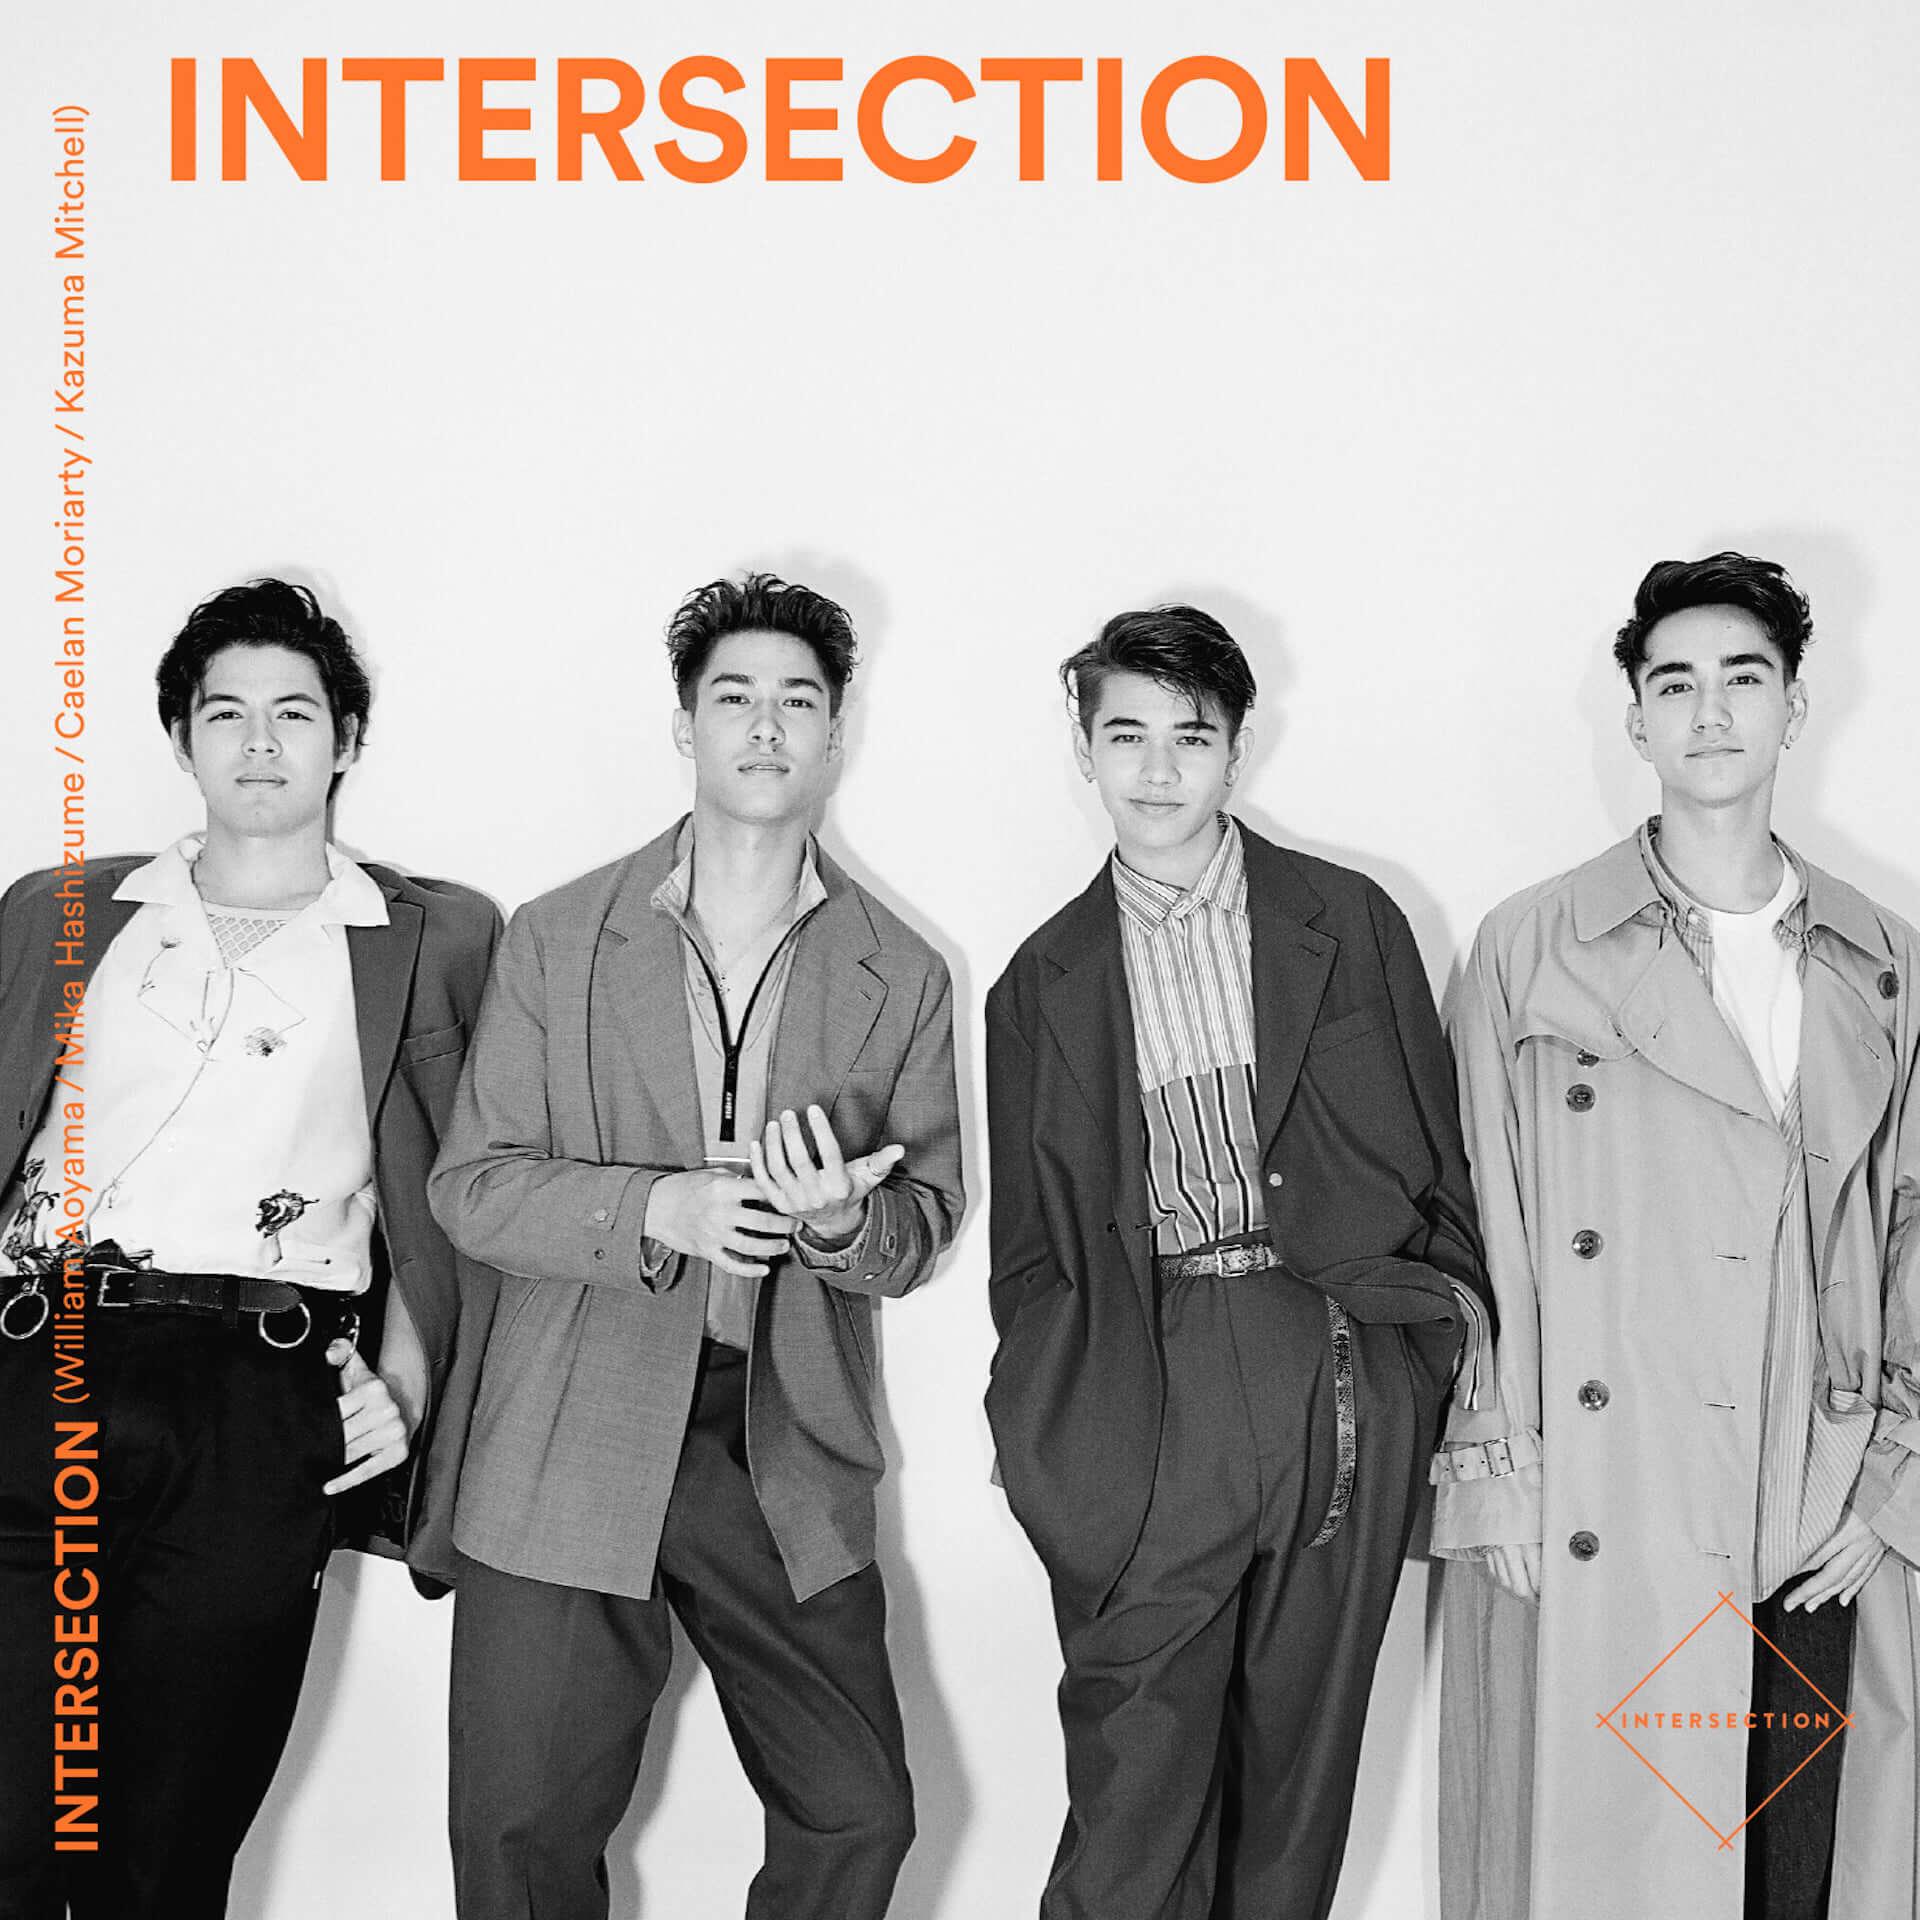 """ポスト""""ONE DIRECTION""""の座を狙うボーイズグループ・INTERSECTIONとは? music190805_intersection_2-1920x1920"""